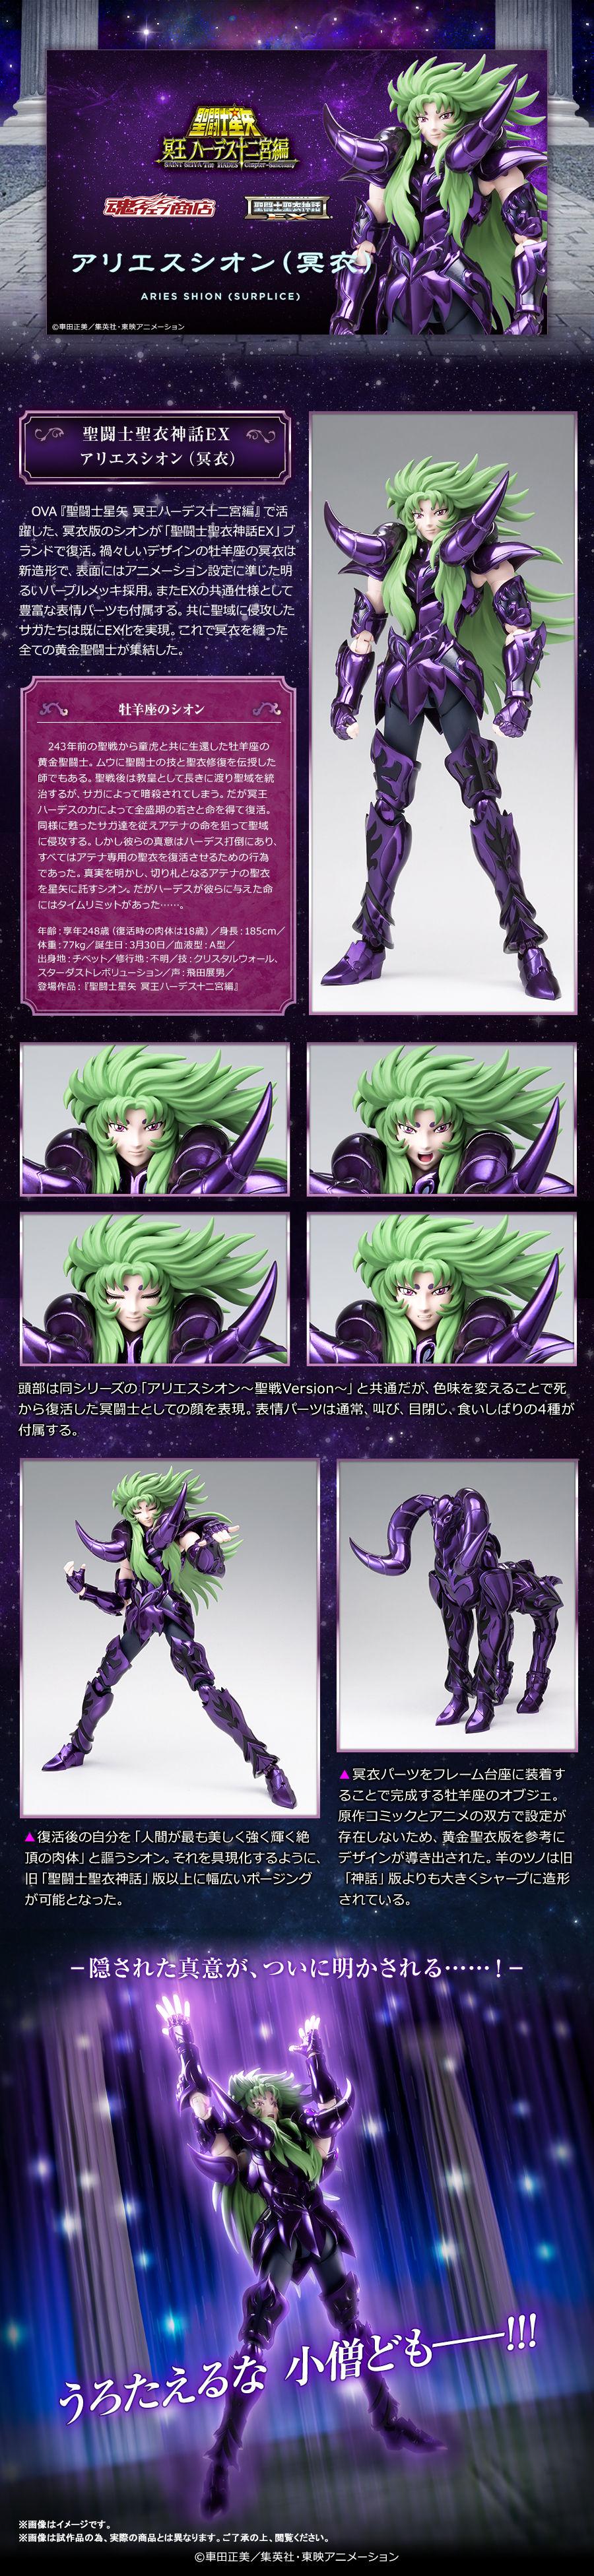 聖闘士聖衣神話EX  《聖闘士星矢 冥王黑帝斯十二宮篇》 「牡羊座 希歐(冥衣)」!アリエスシオン(冥衣)